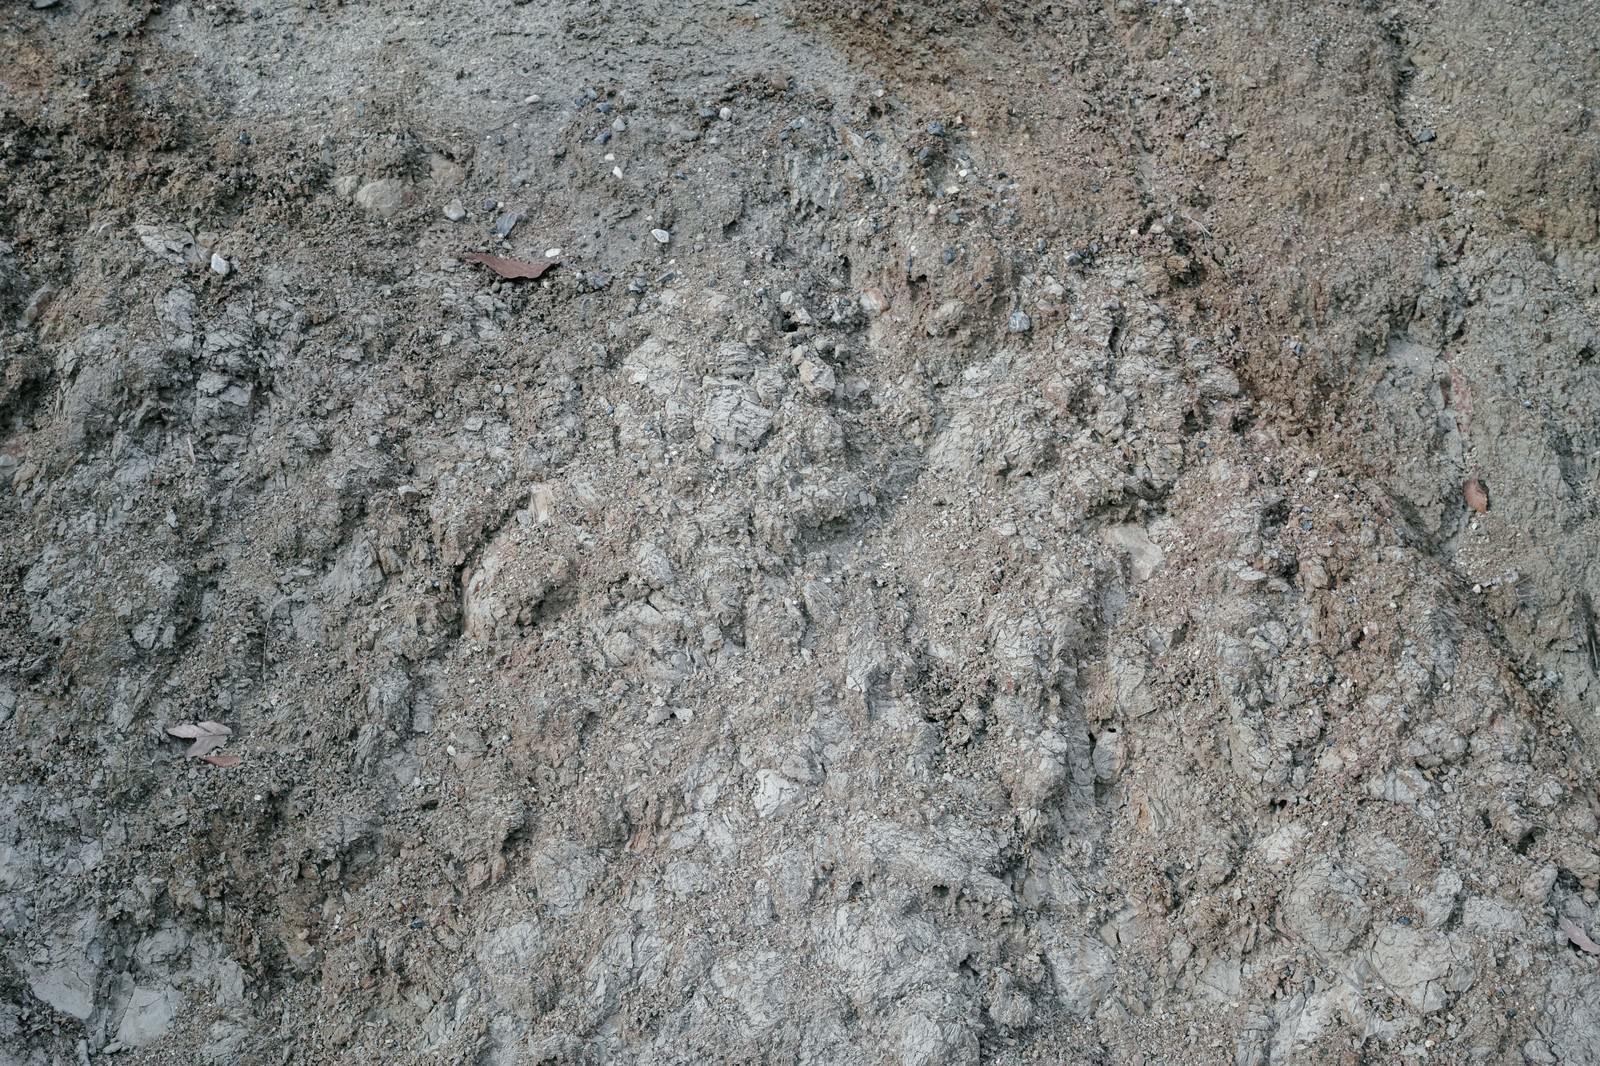 「不揃いな石が埋もれた地面(テクスチャ)」の写真